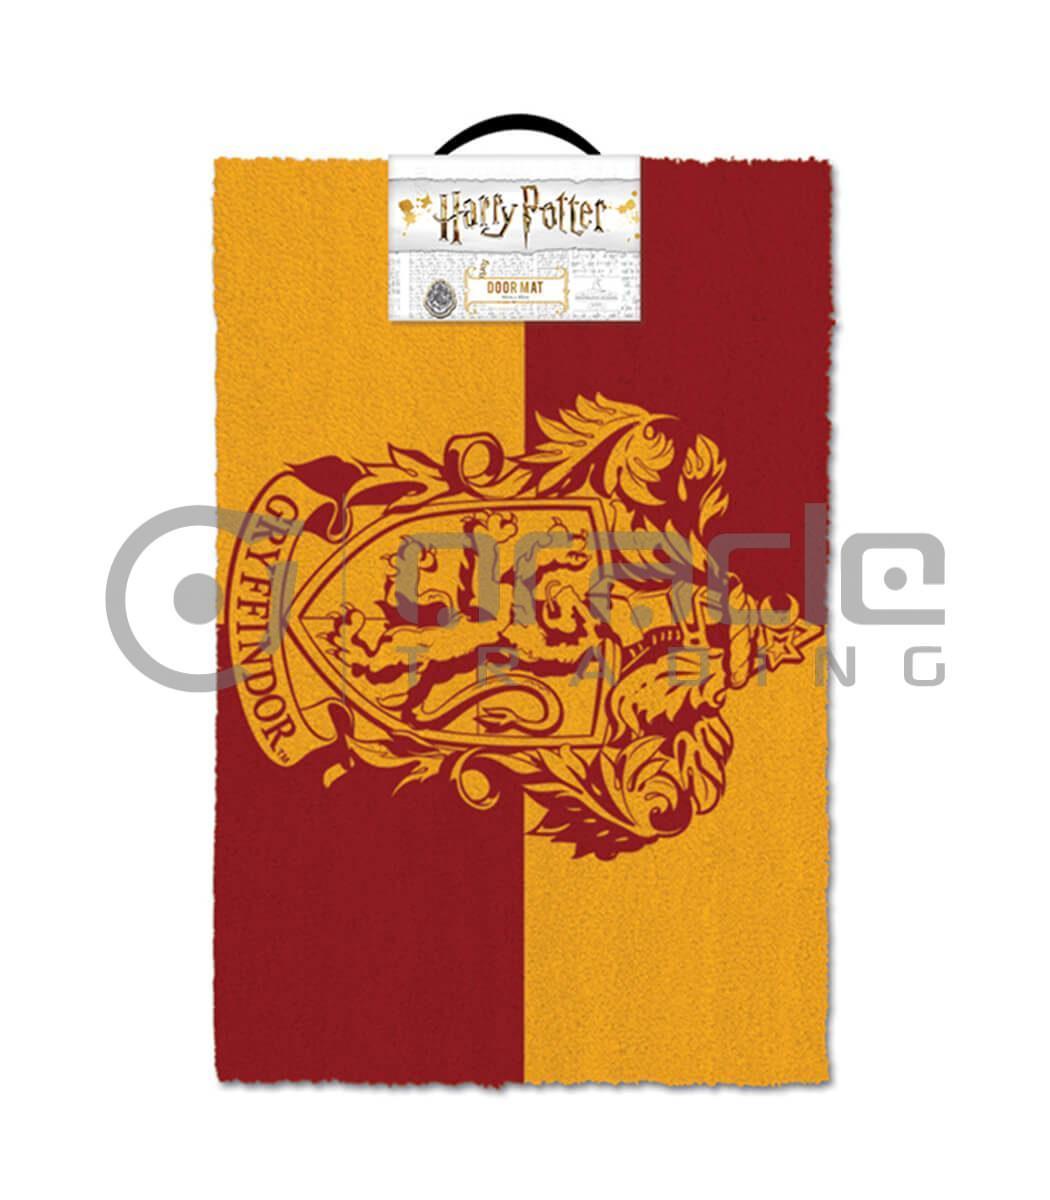 Harry Potter Doormat - Gryffindor